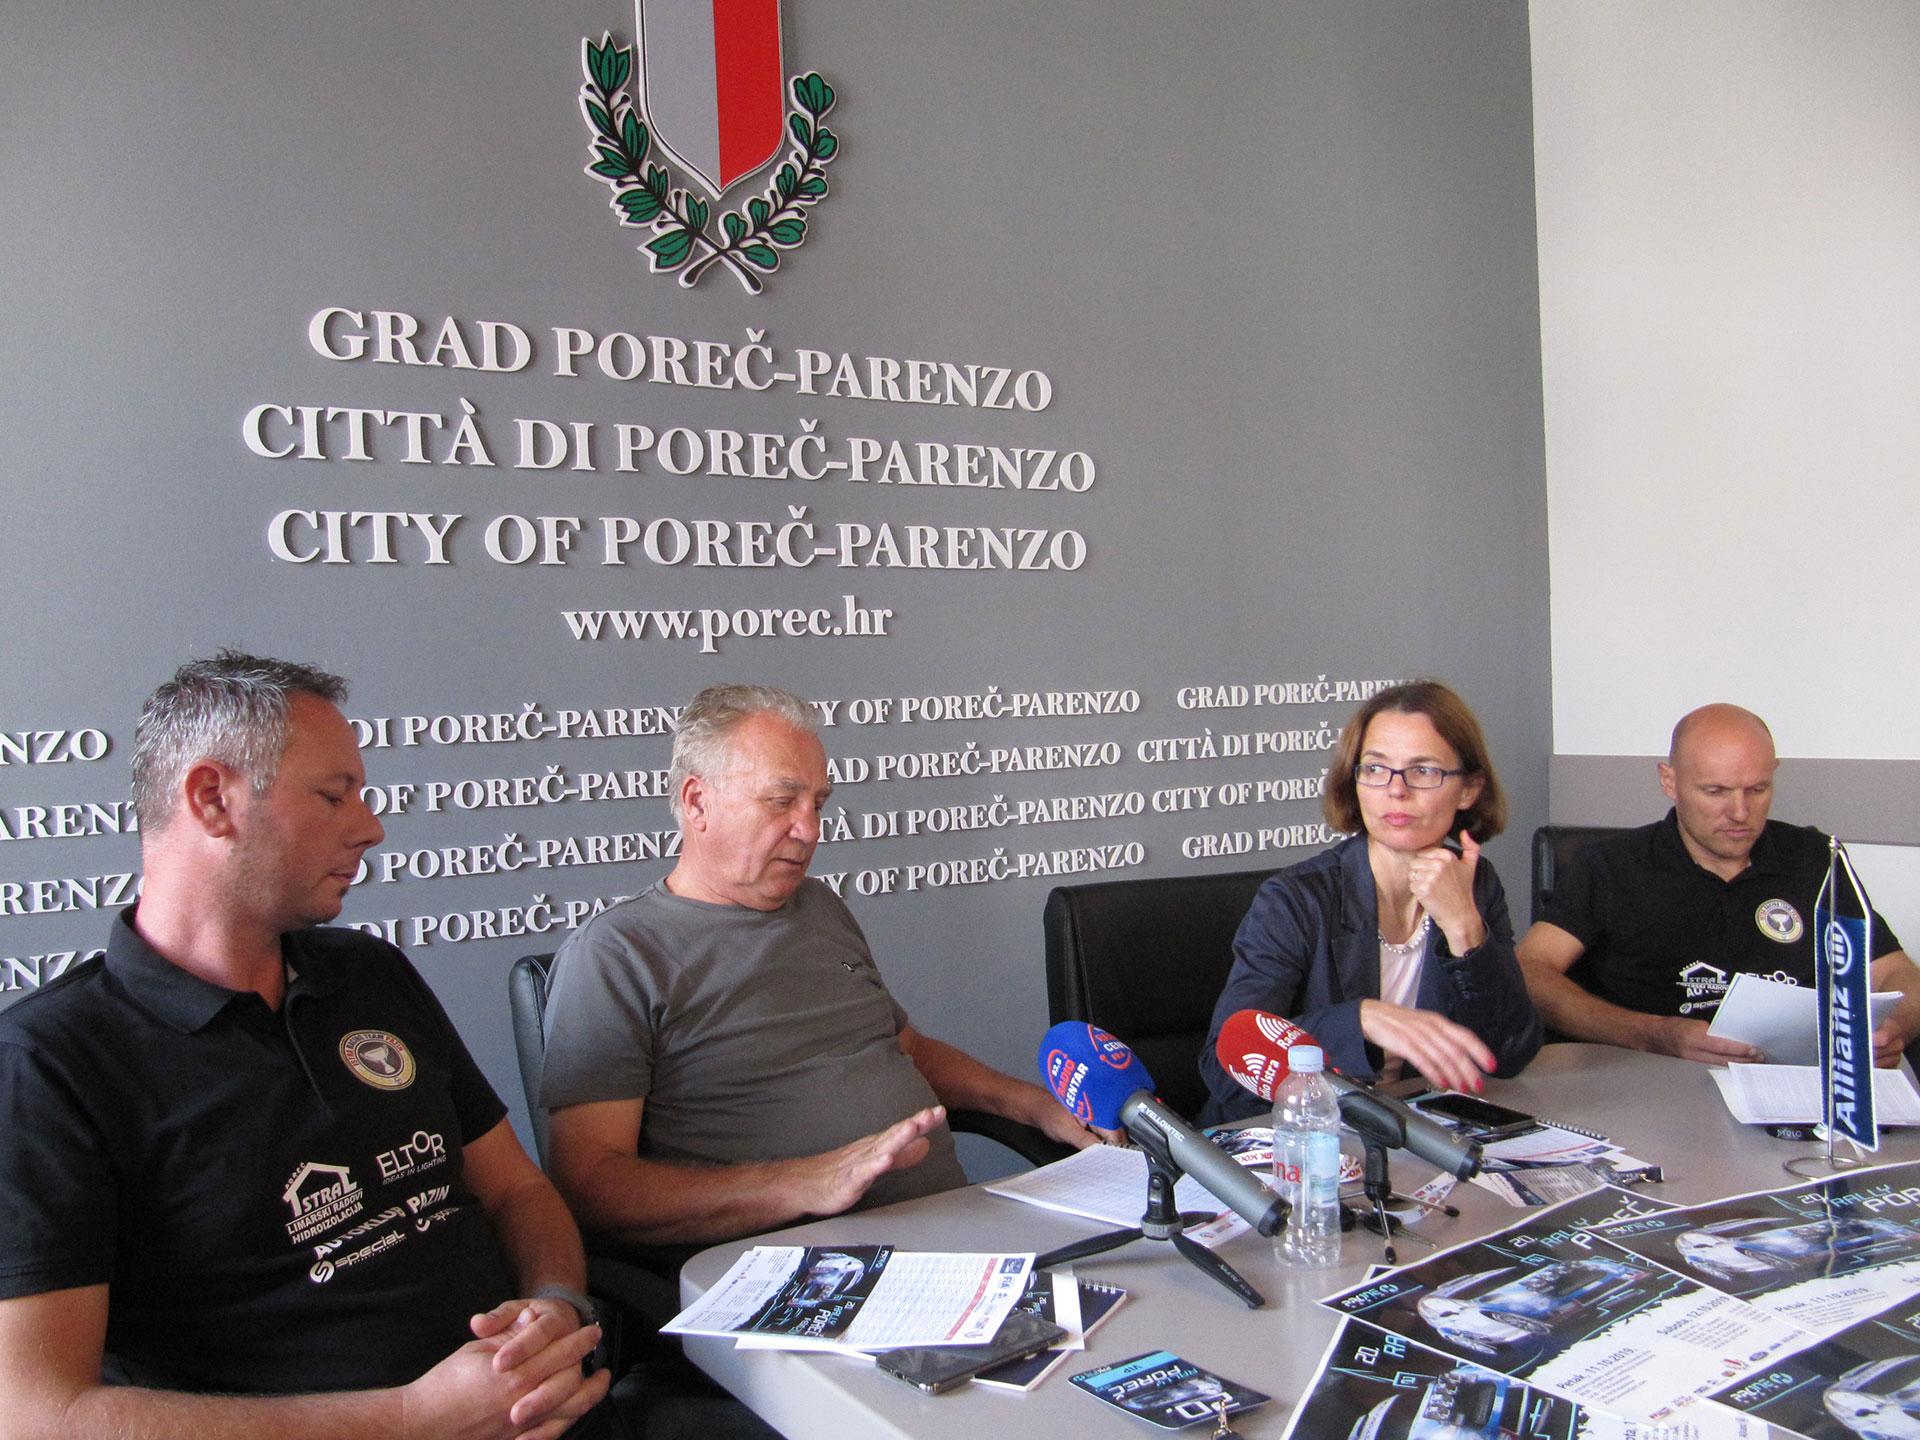 Općinski sud u Vinkovcima donio je nepravomoćnu presudu u privatnome procesu u korist Tomislava Borkovića koji je tužio banku zbog.